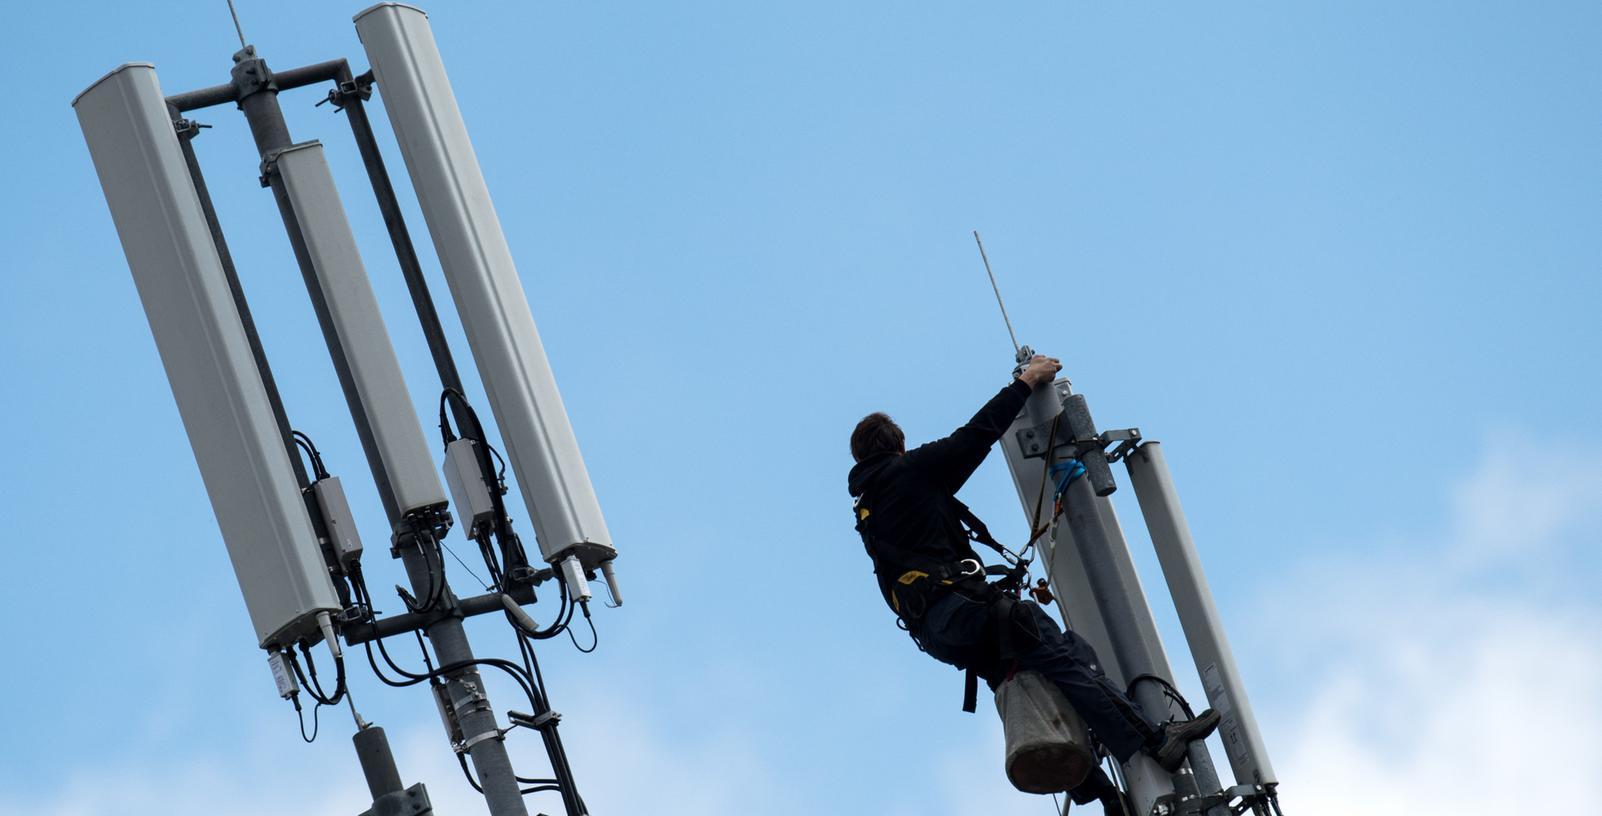 Mobilfunkmasten und andere Signalsender sorgen für eine teils hohe elektromagnetische Strahlung in den Nürnberger Straßen.